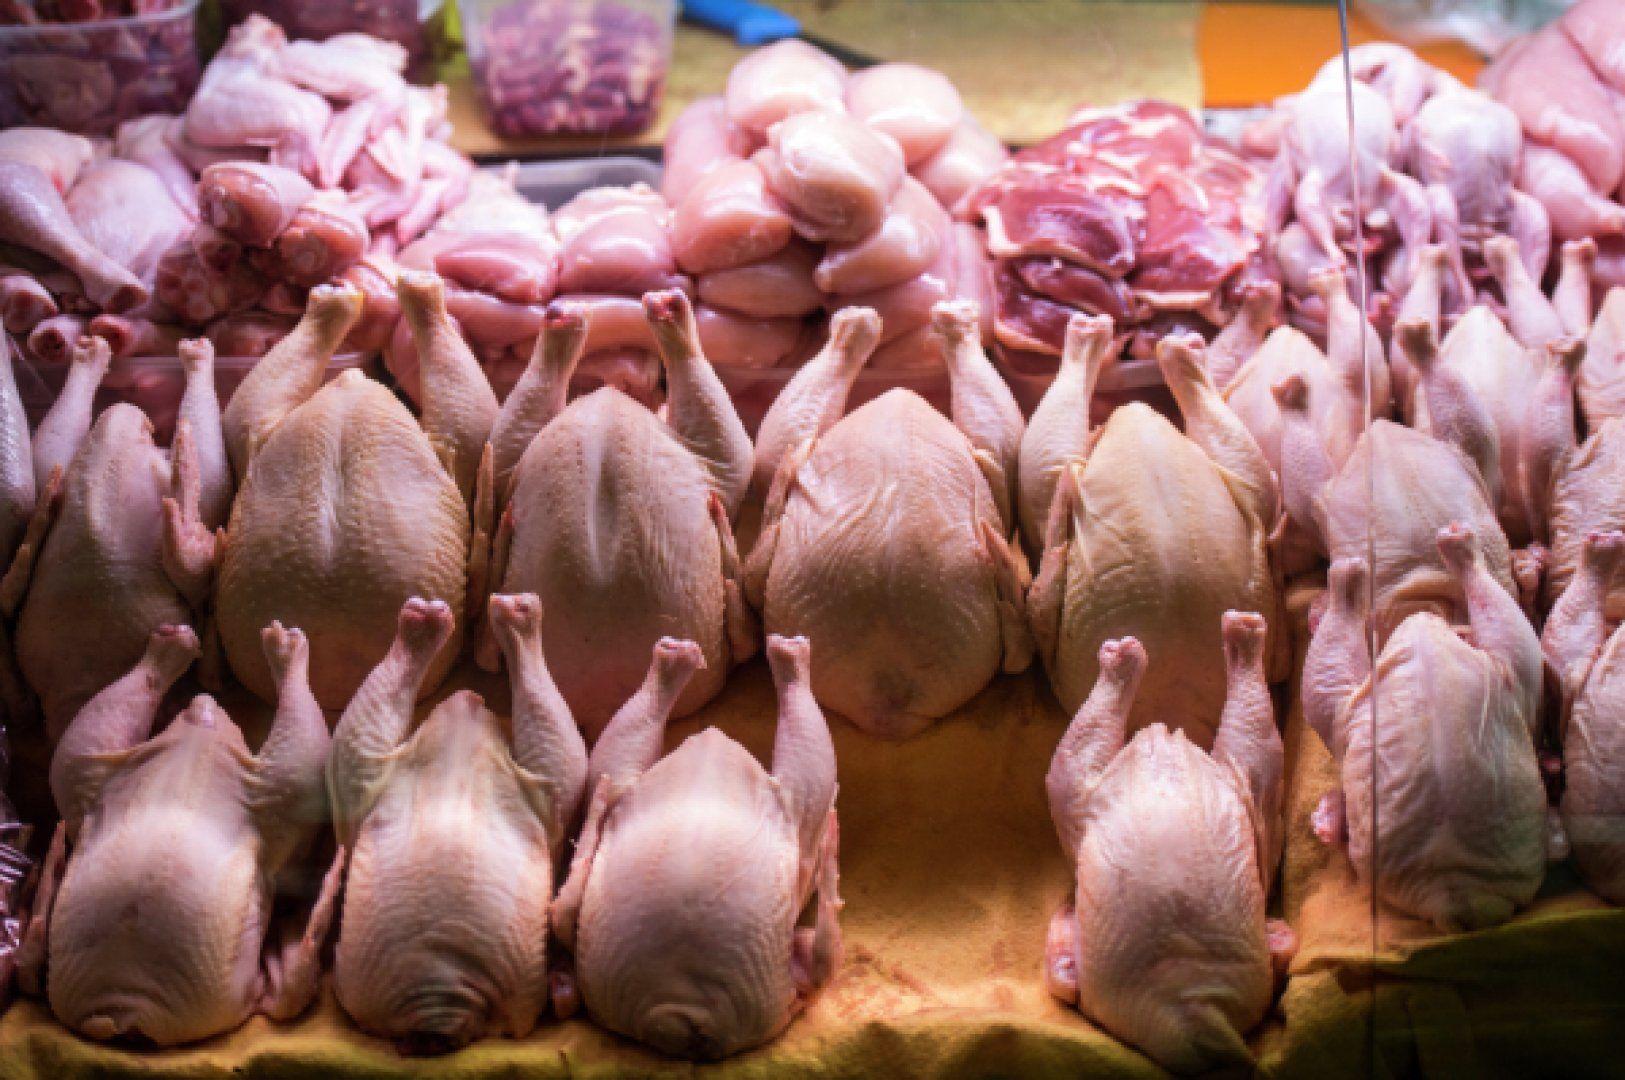 РК и РФ согласовали взаимные поставки растительной и животноводческой продукции